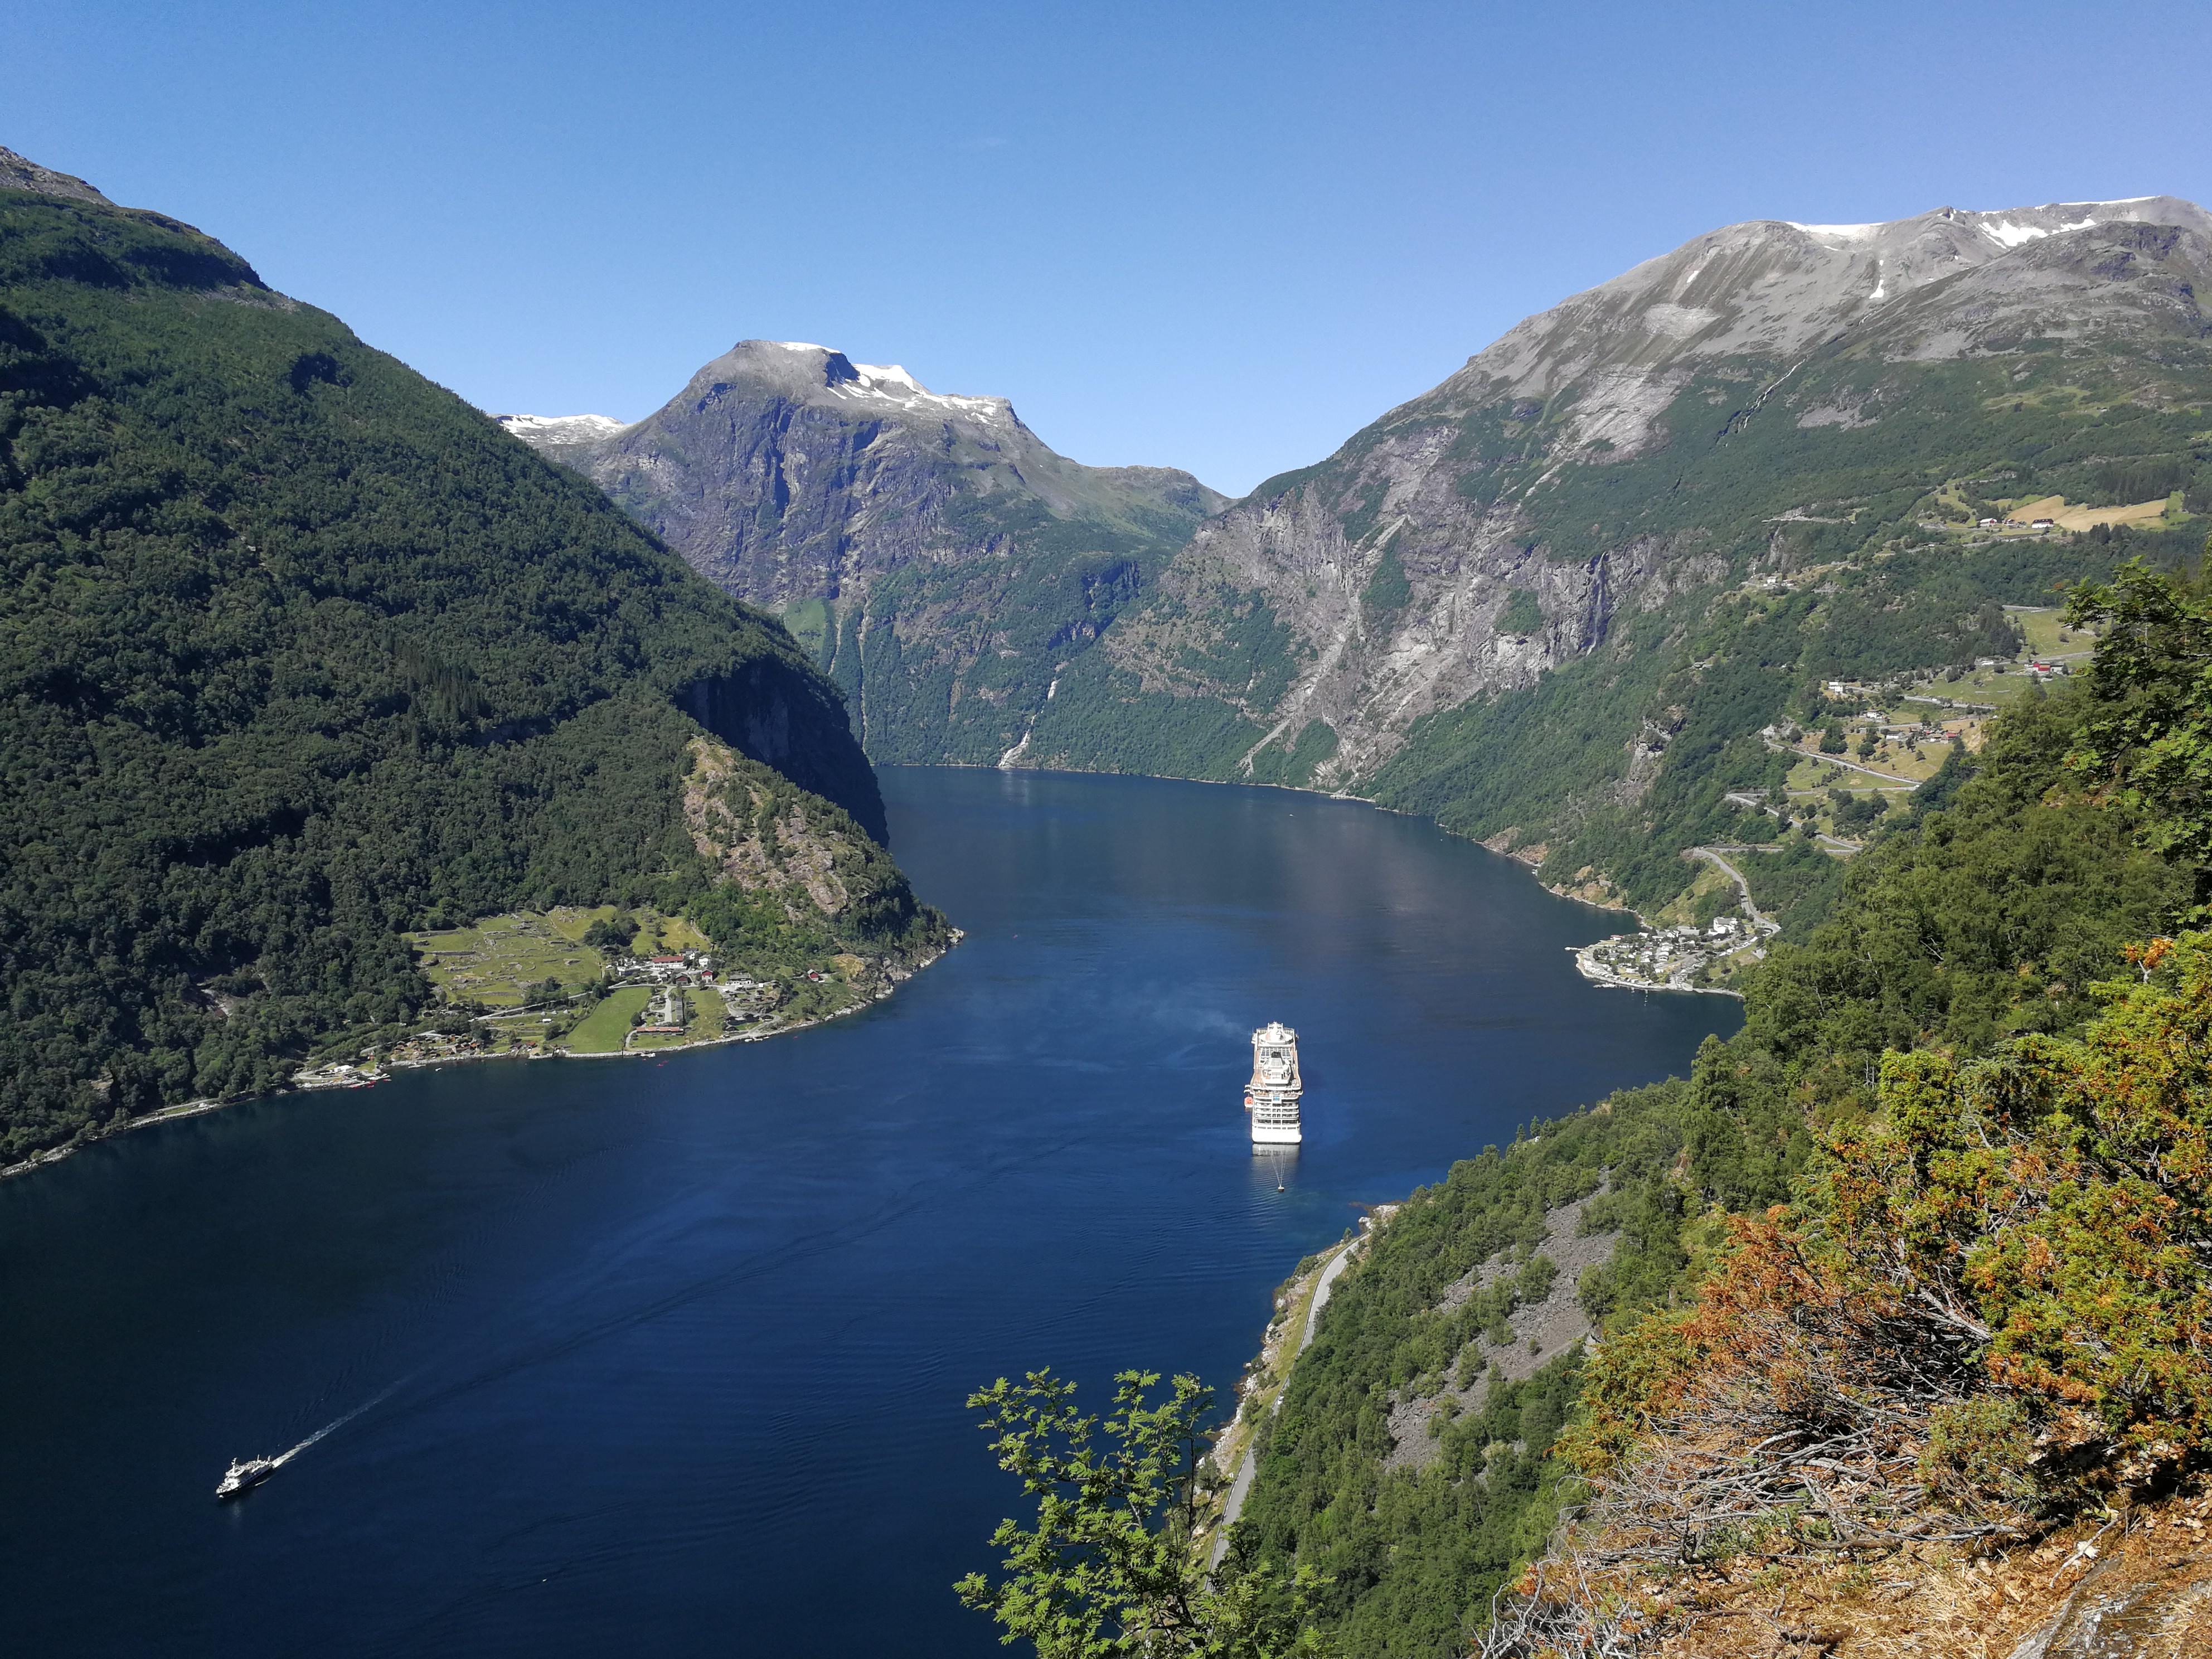 Aussicht Geiranger Fjord vom Vesteråsfjellet